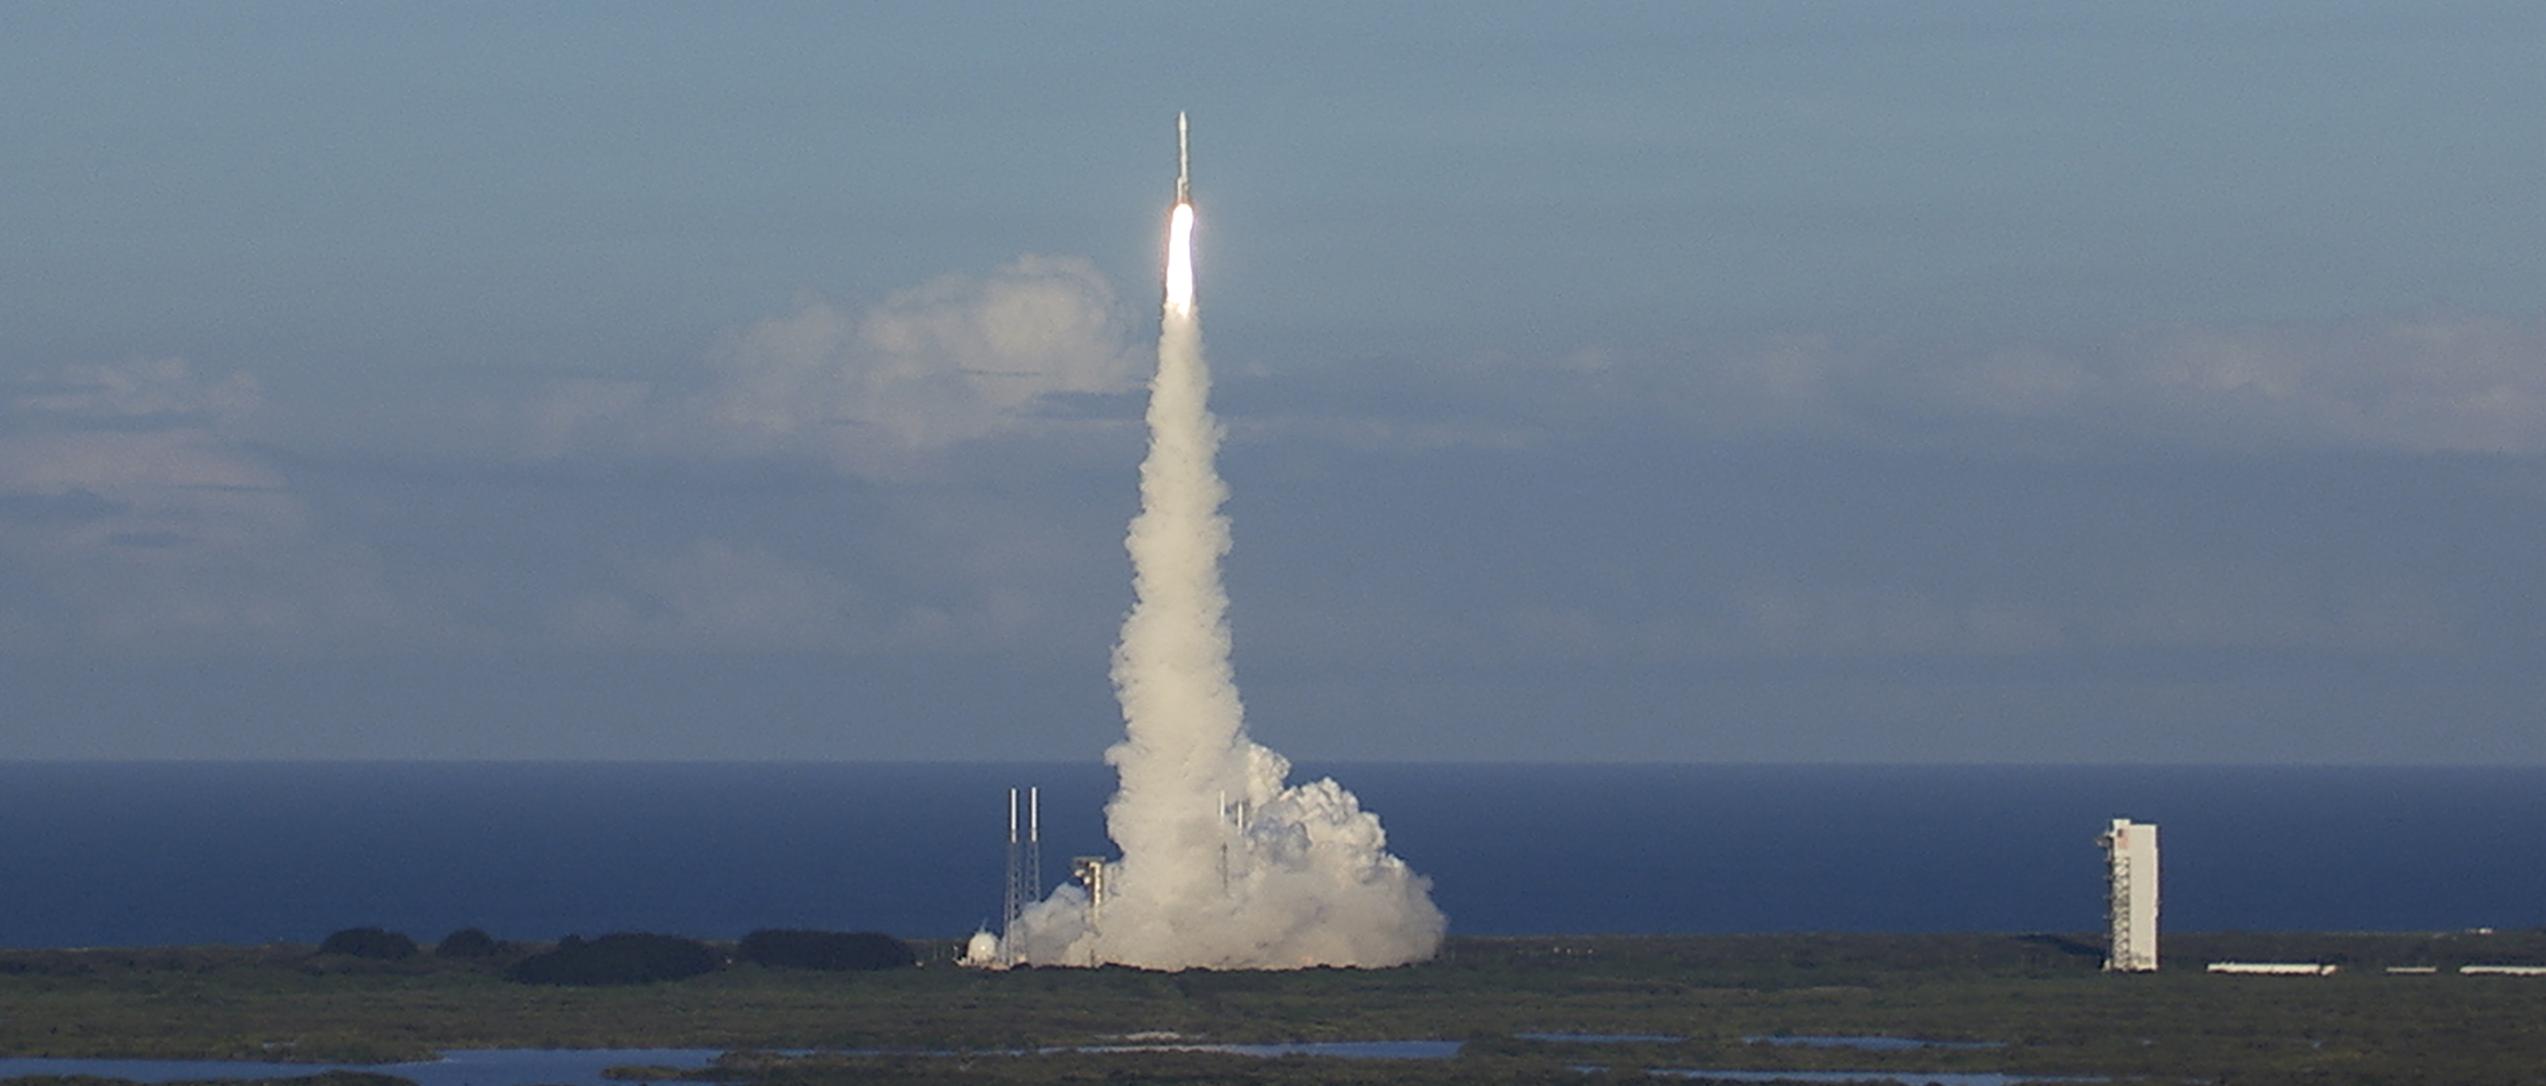 OSIRIX-REx launch